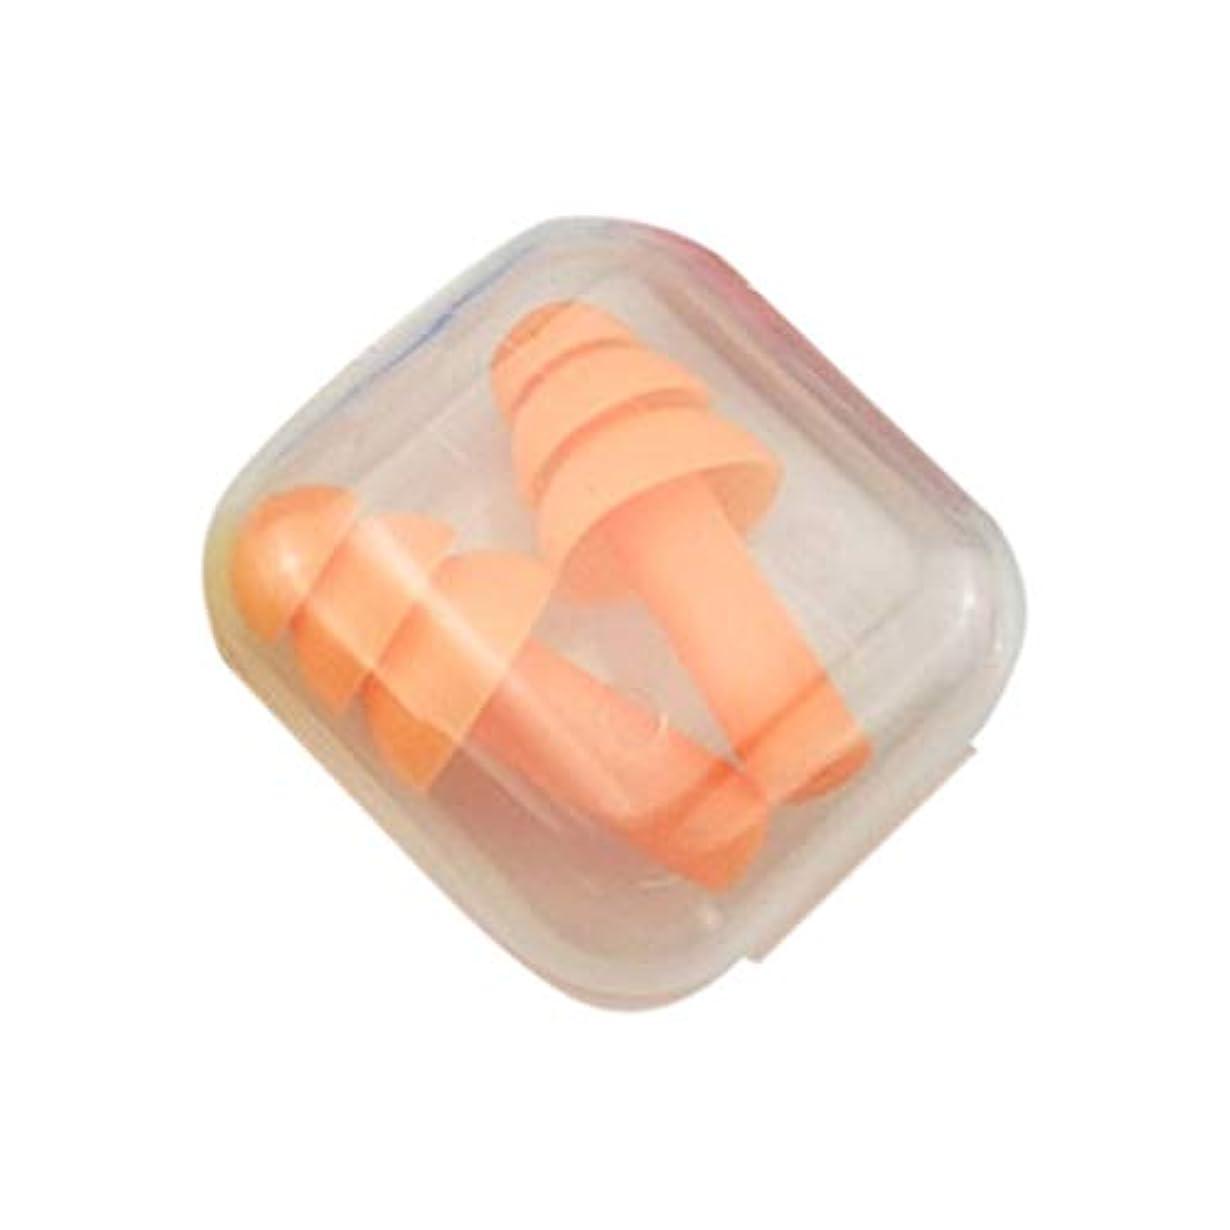 太い例旅行柔らかいシリコーンの耳栓遮音用耳の保護用の耳栓防音睡眠ボックス付き収納ボックス - オレンジ